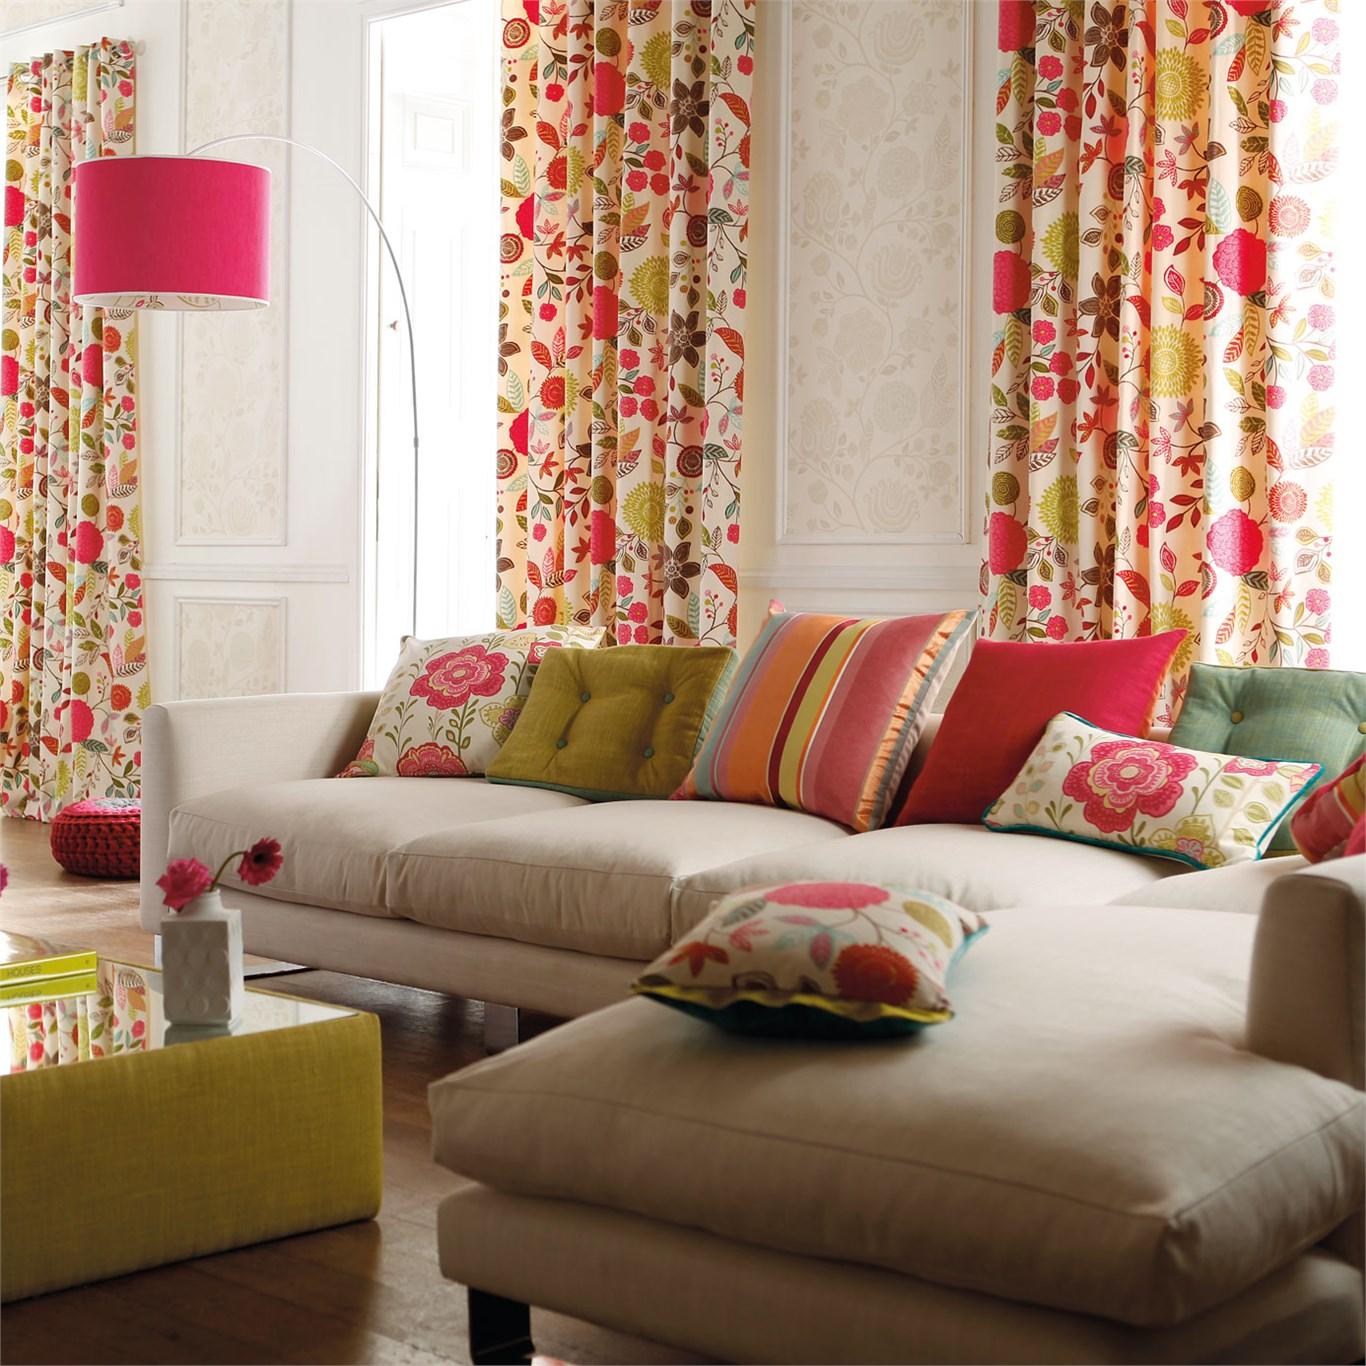 Consejos para colocar cortinas de flores en el sal n for Telas cortinas salon